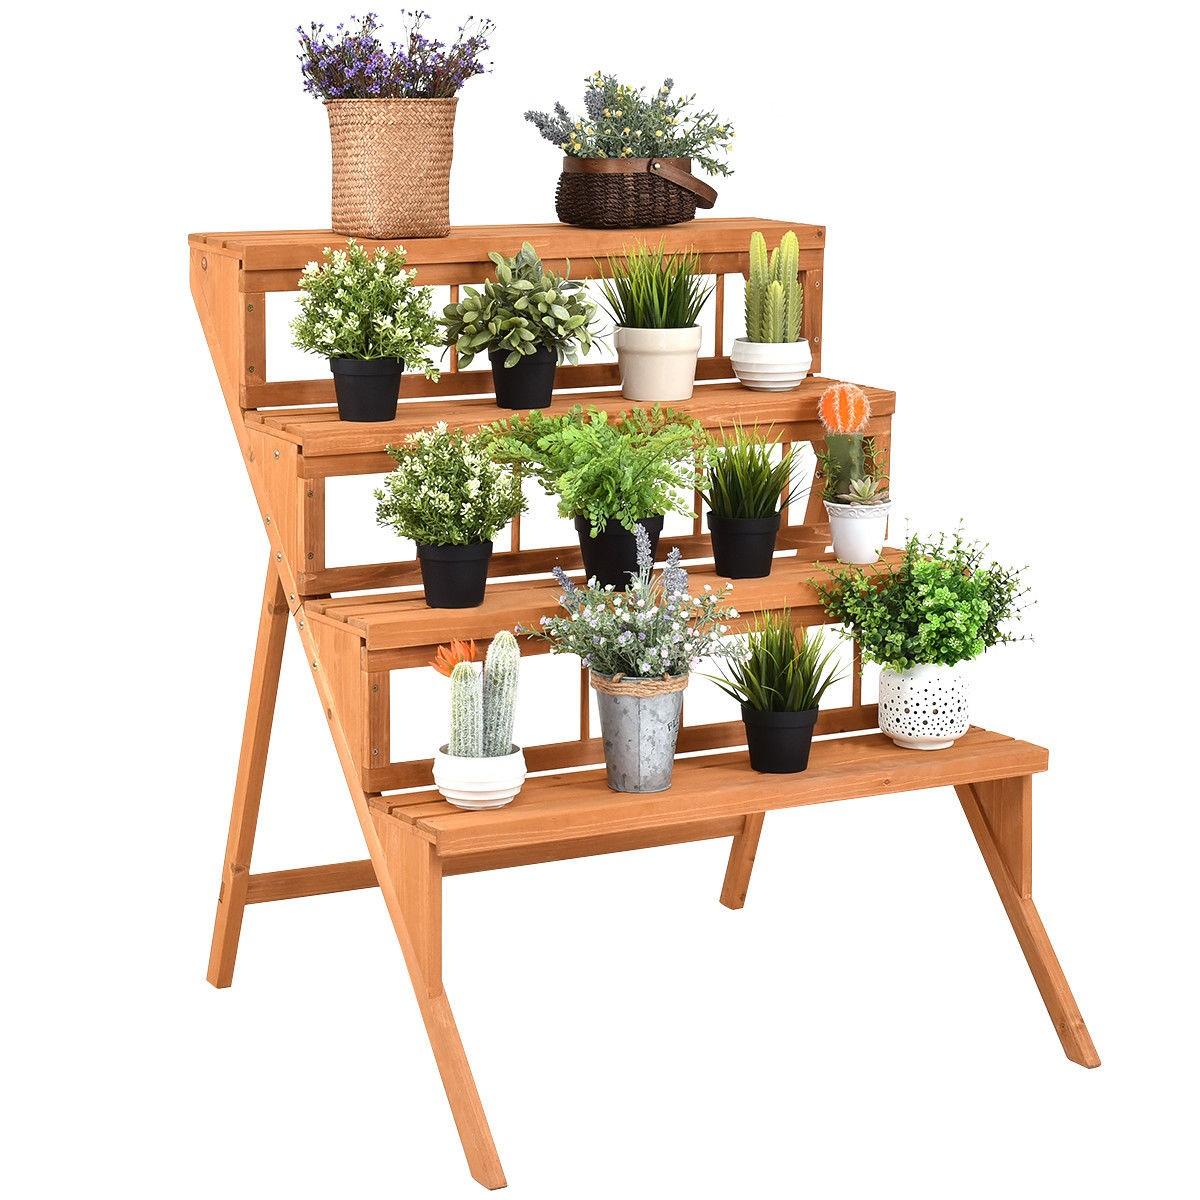 Plant Pot Holders Diy: 4 Tier Home Garden Indoor Yellow Wood Ladder Step Flower